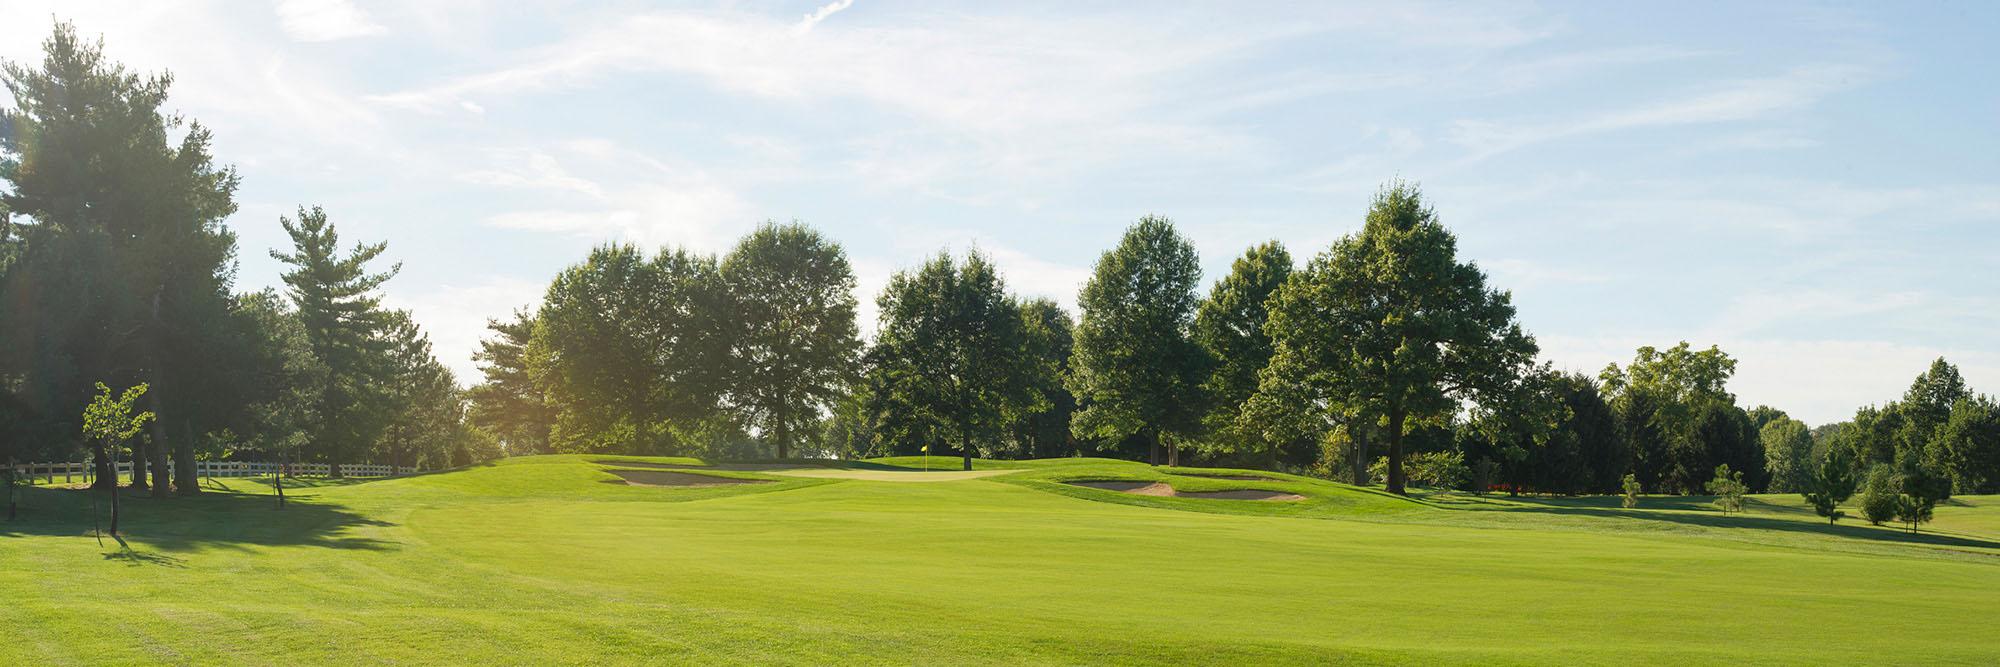 Golf Course Image - Hickory Hills No. 10